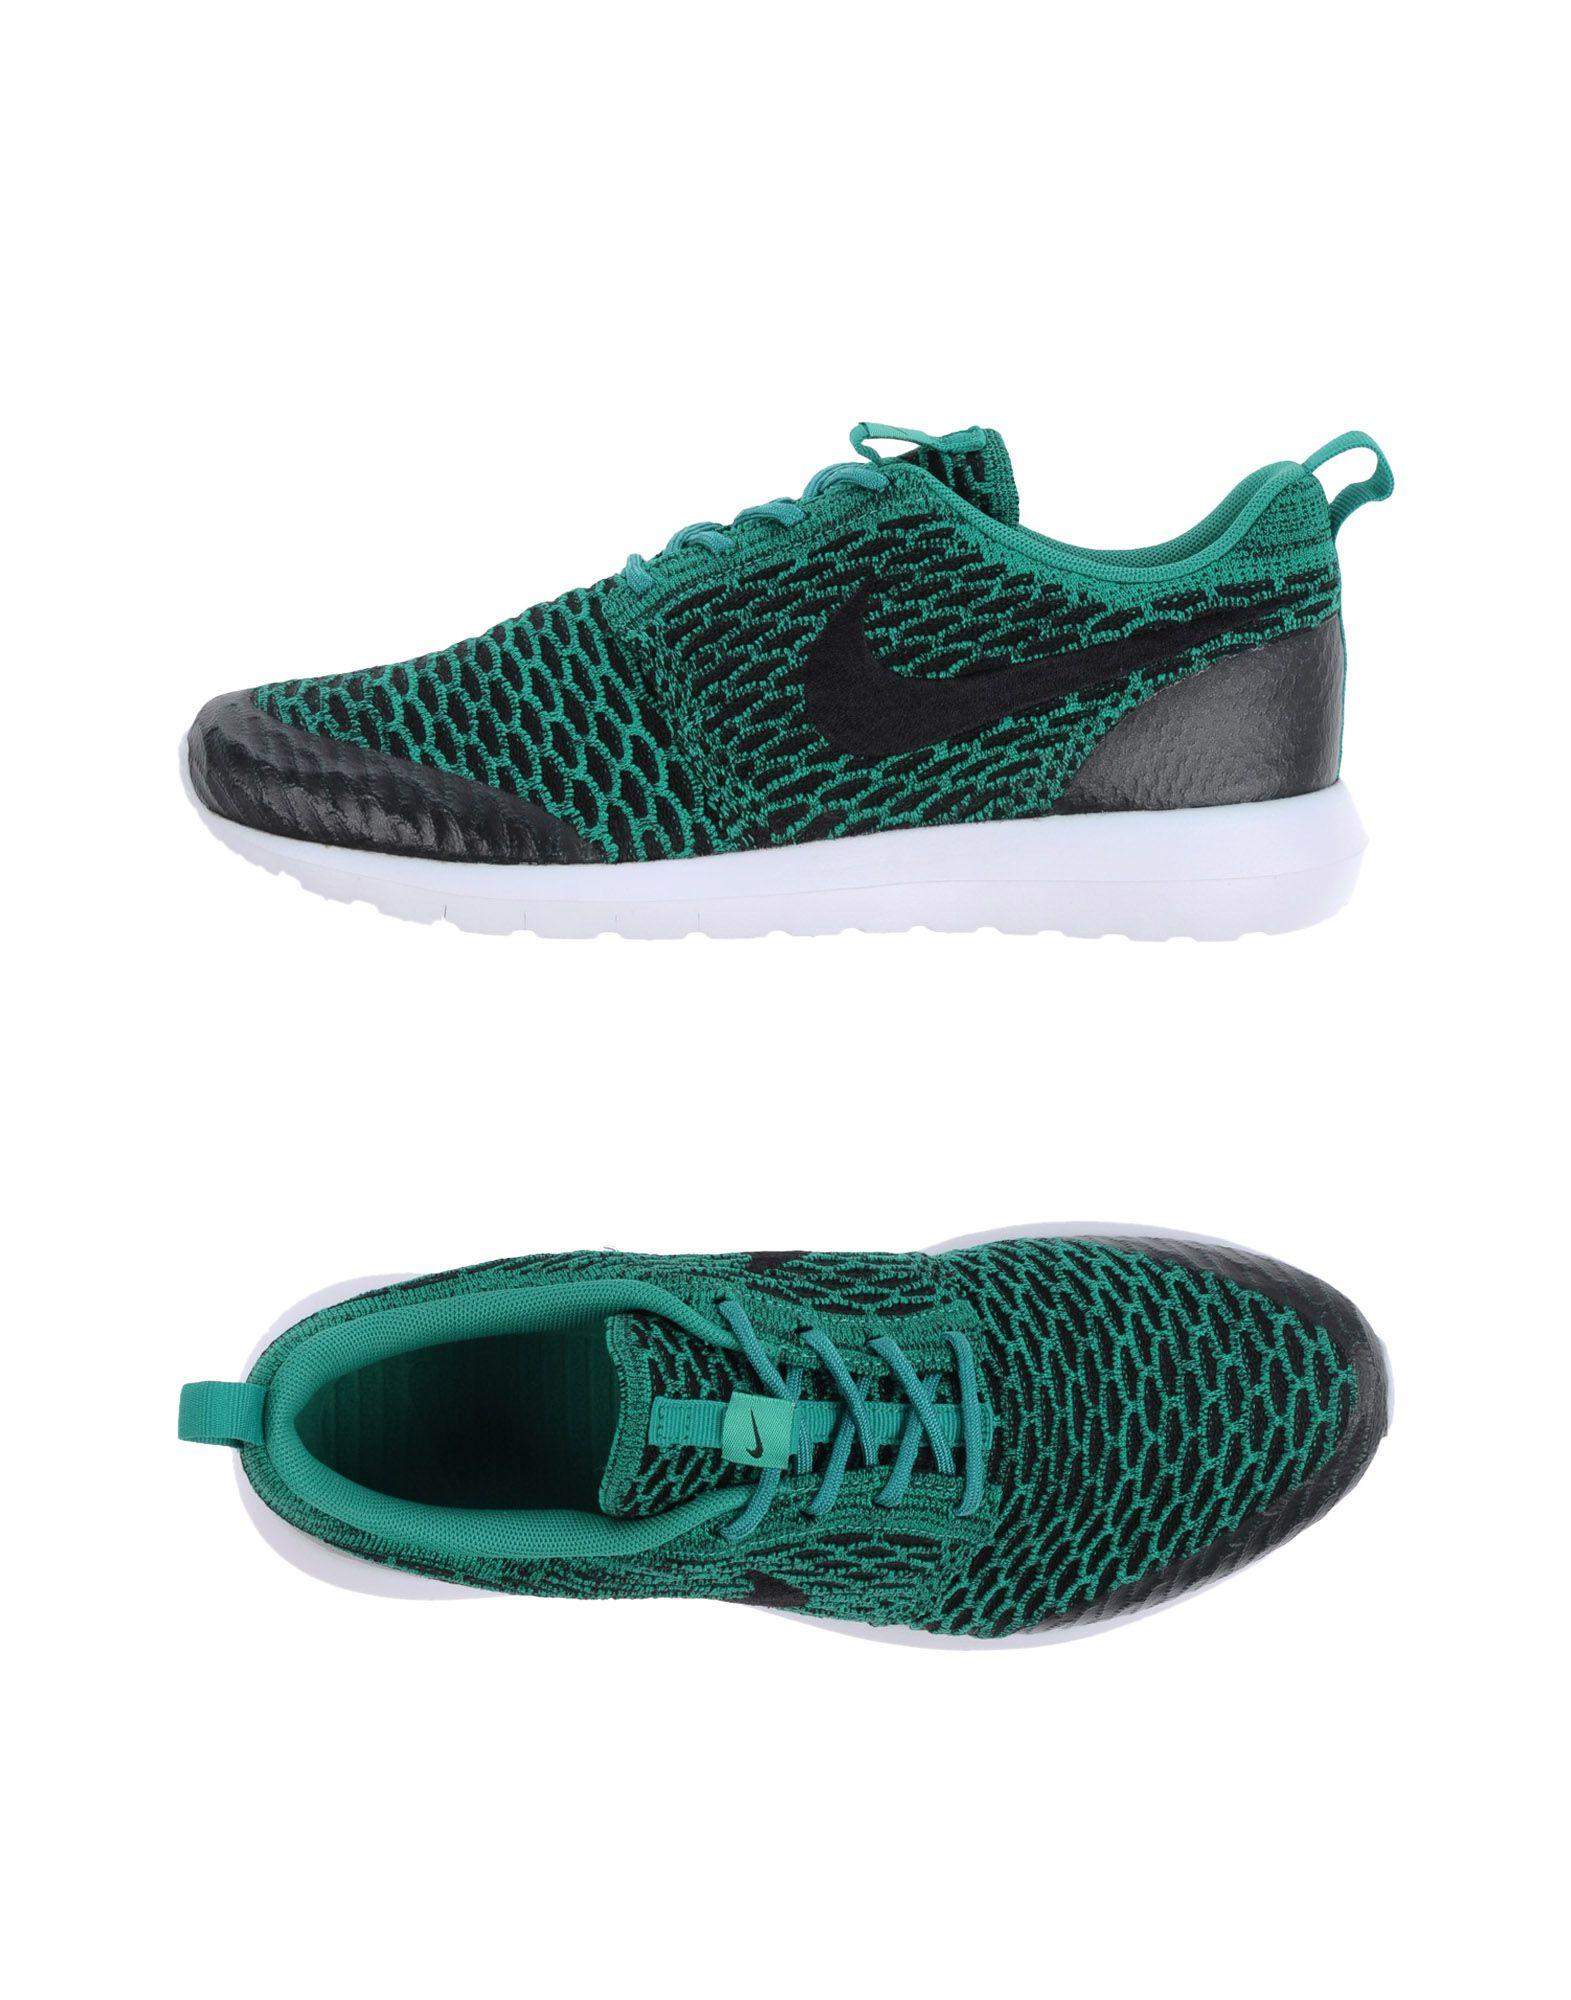 Sneakers Nike Uomo - 11164084DF Scarpe economiche e buone